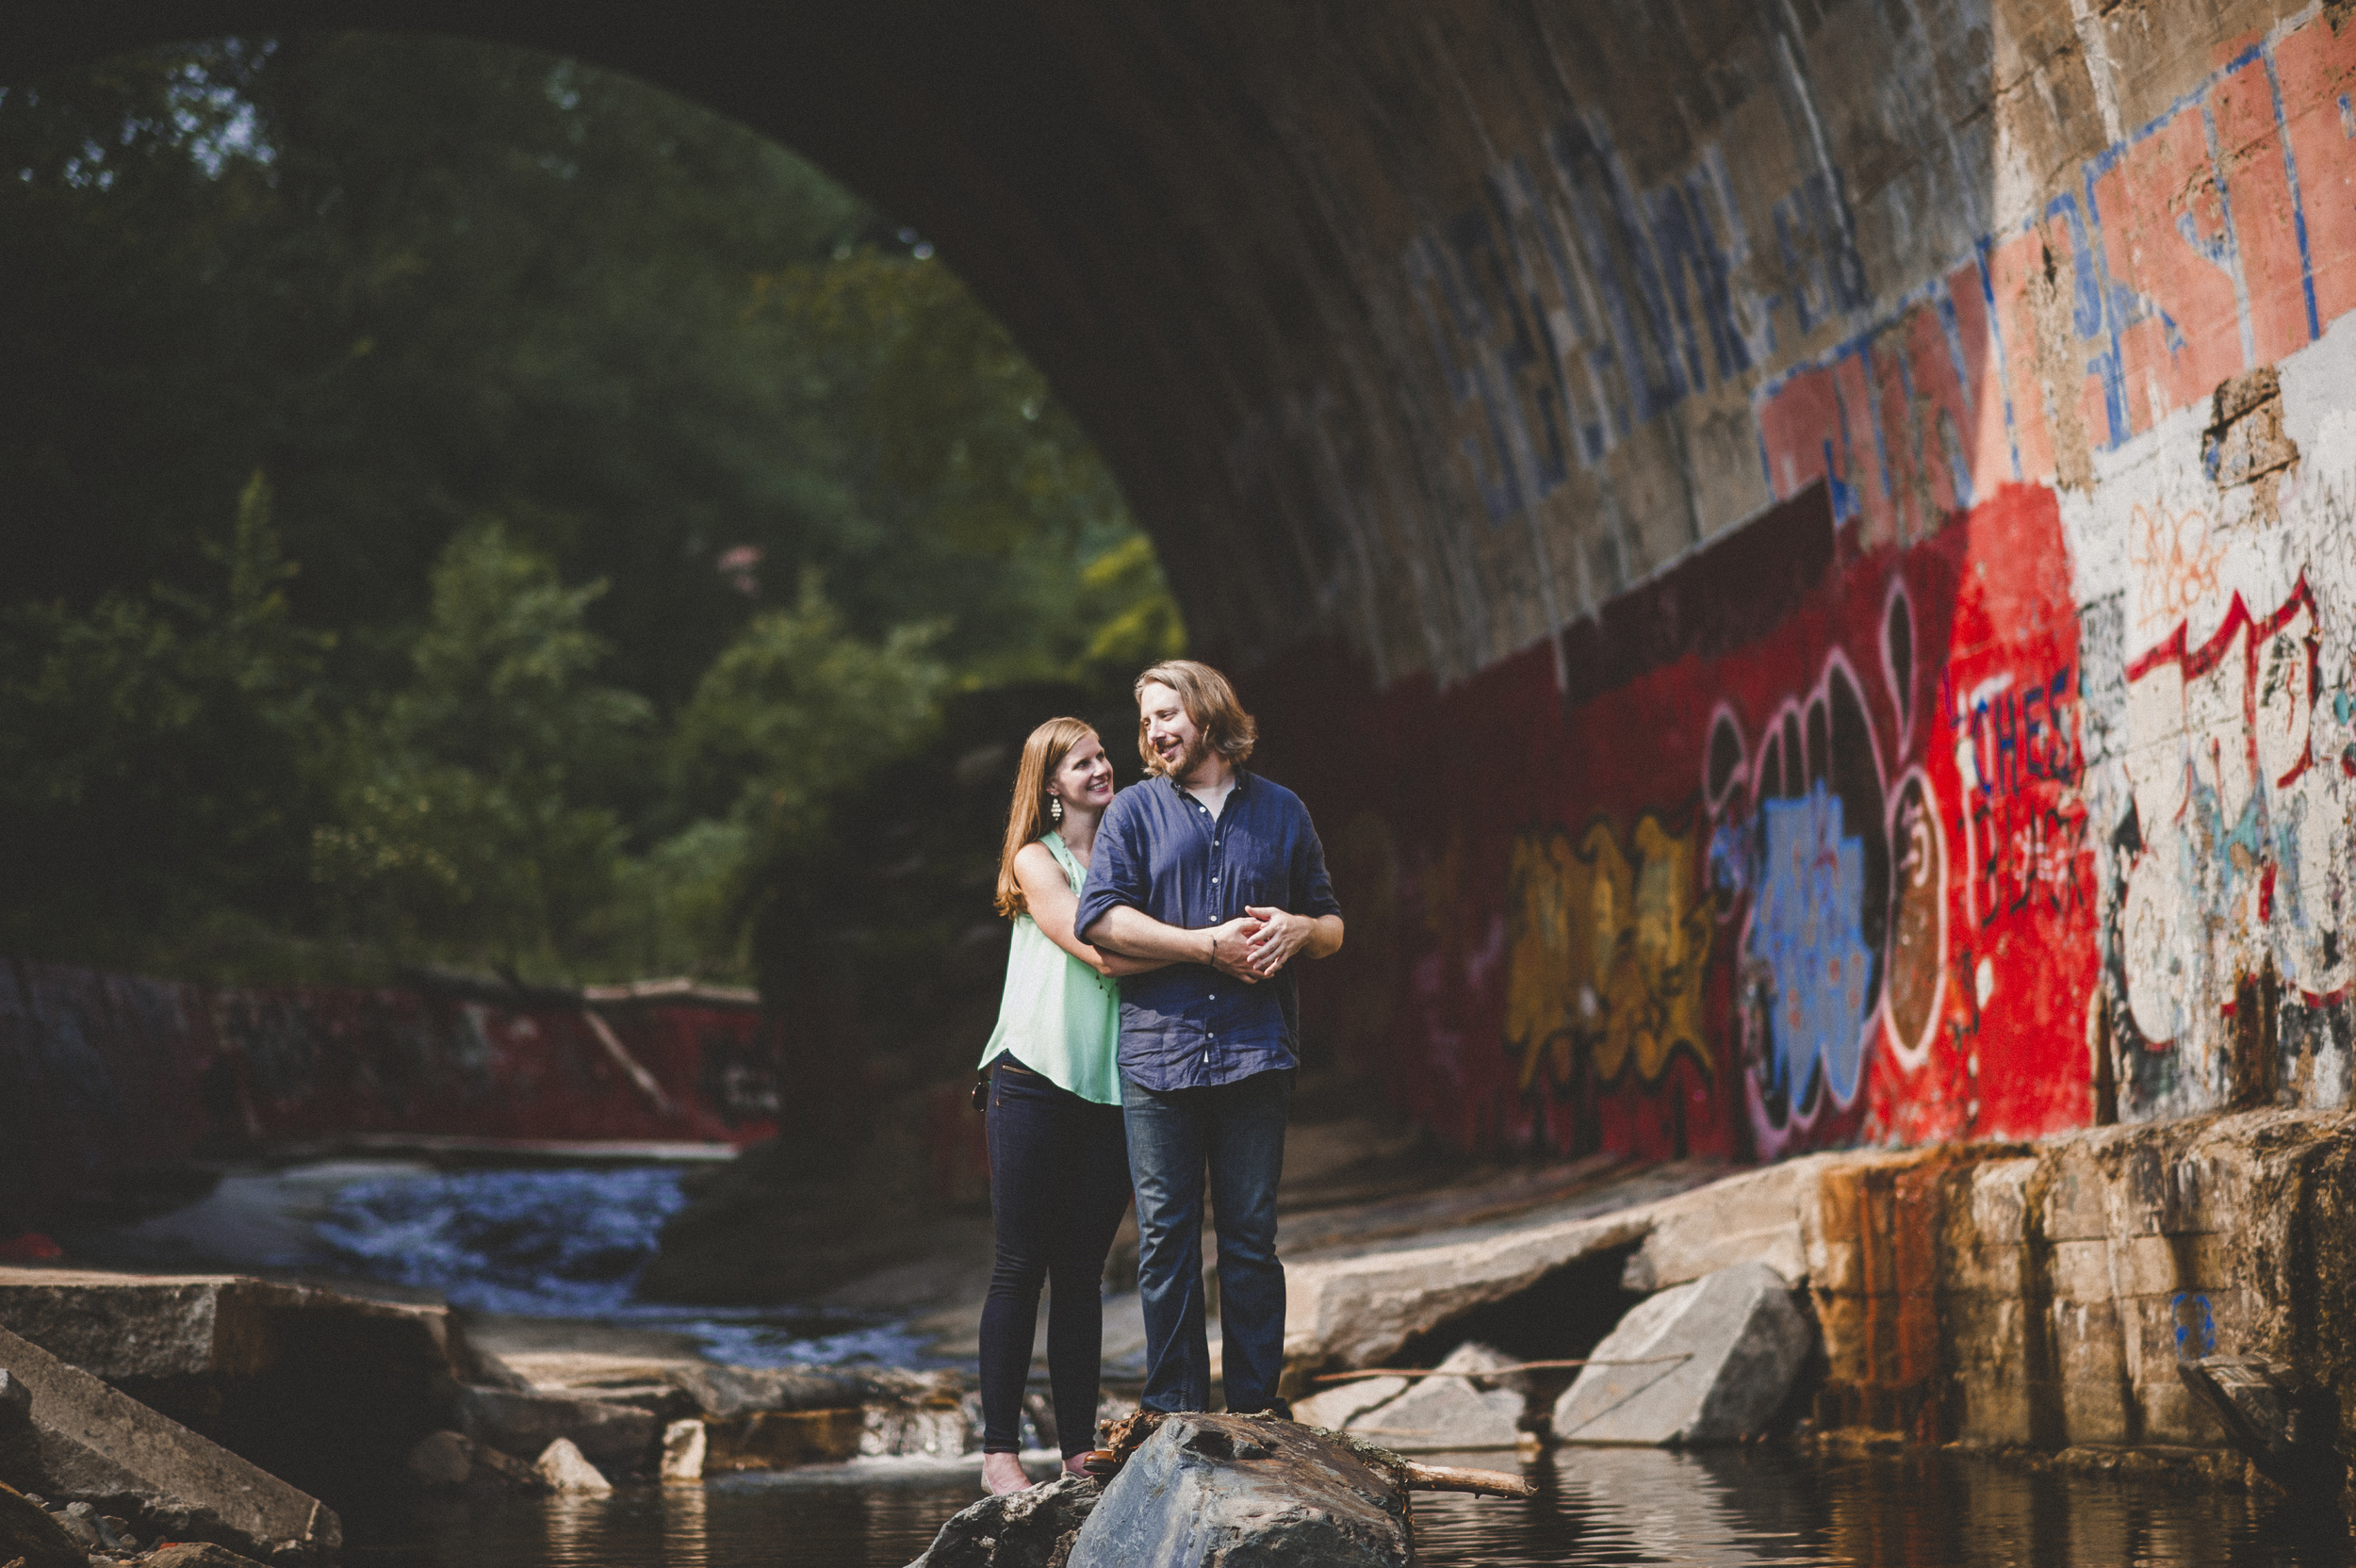 Viva_Love_Philadelphia_Baltimore_Wedding_Photographer_-1032.jpg